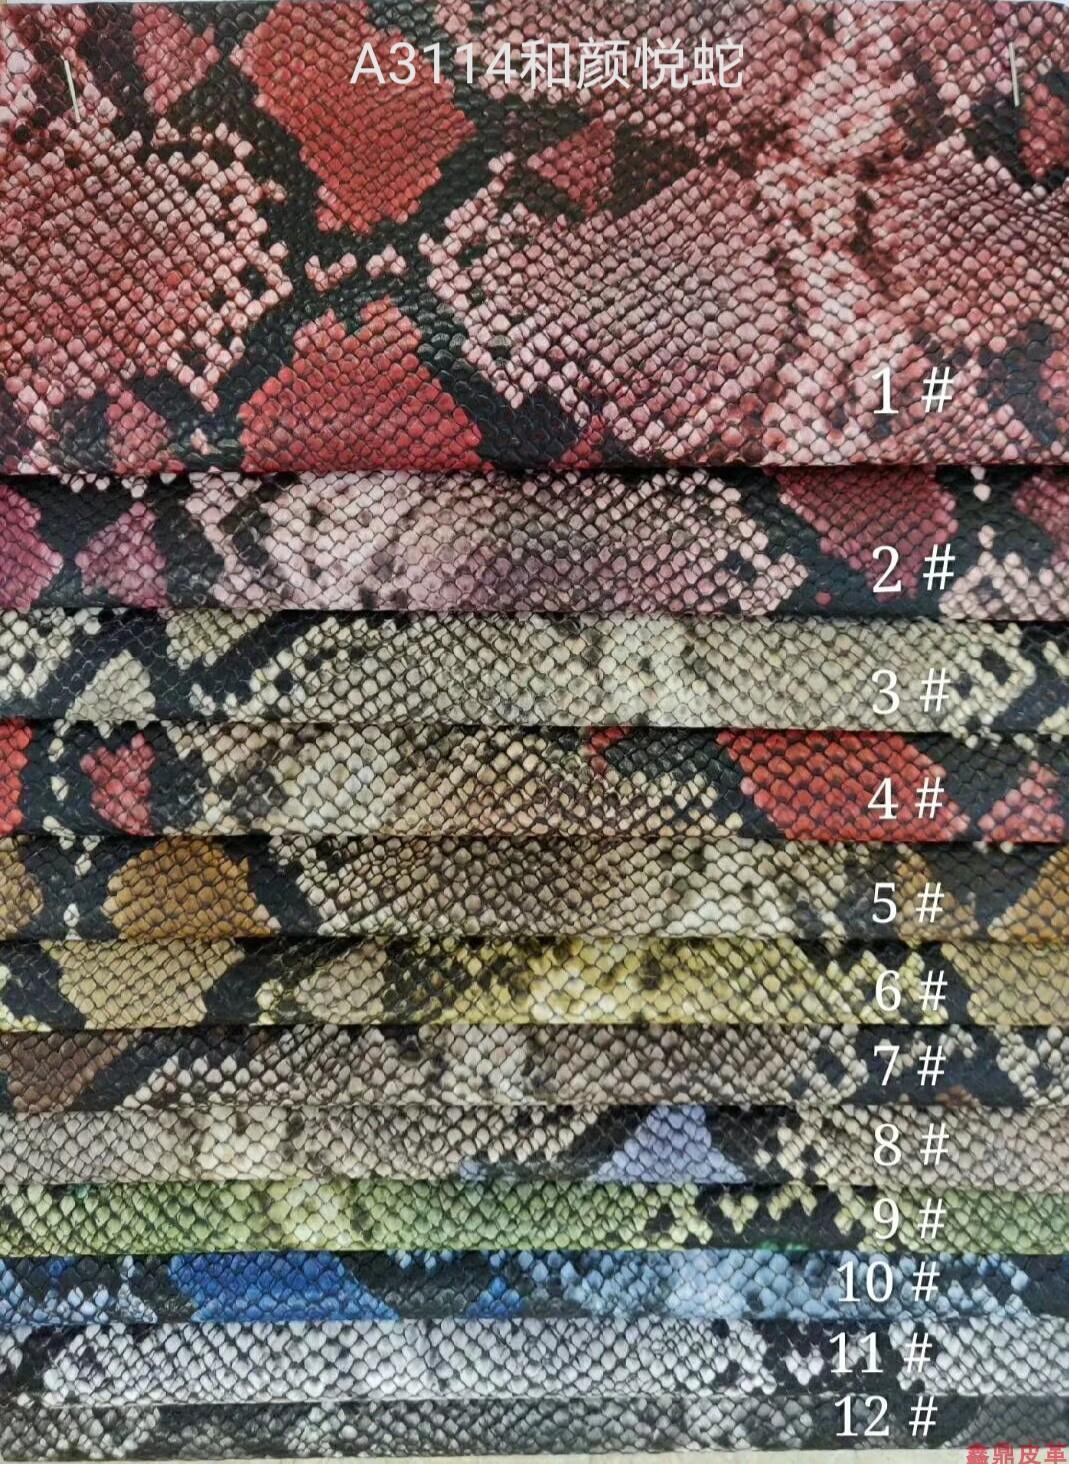 新款蛇纹动物纹印花PU皮革面料手袋鞋材软箱包装头饰沙发帽靴DIY